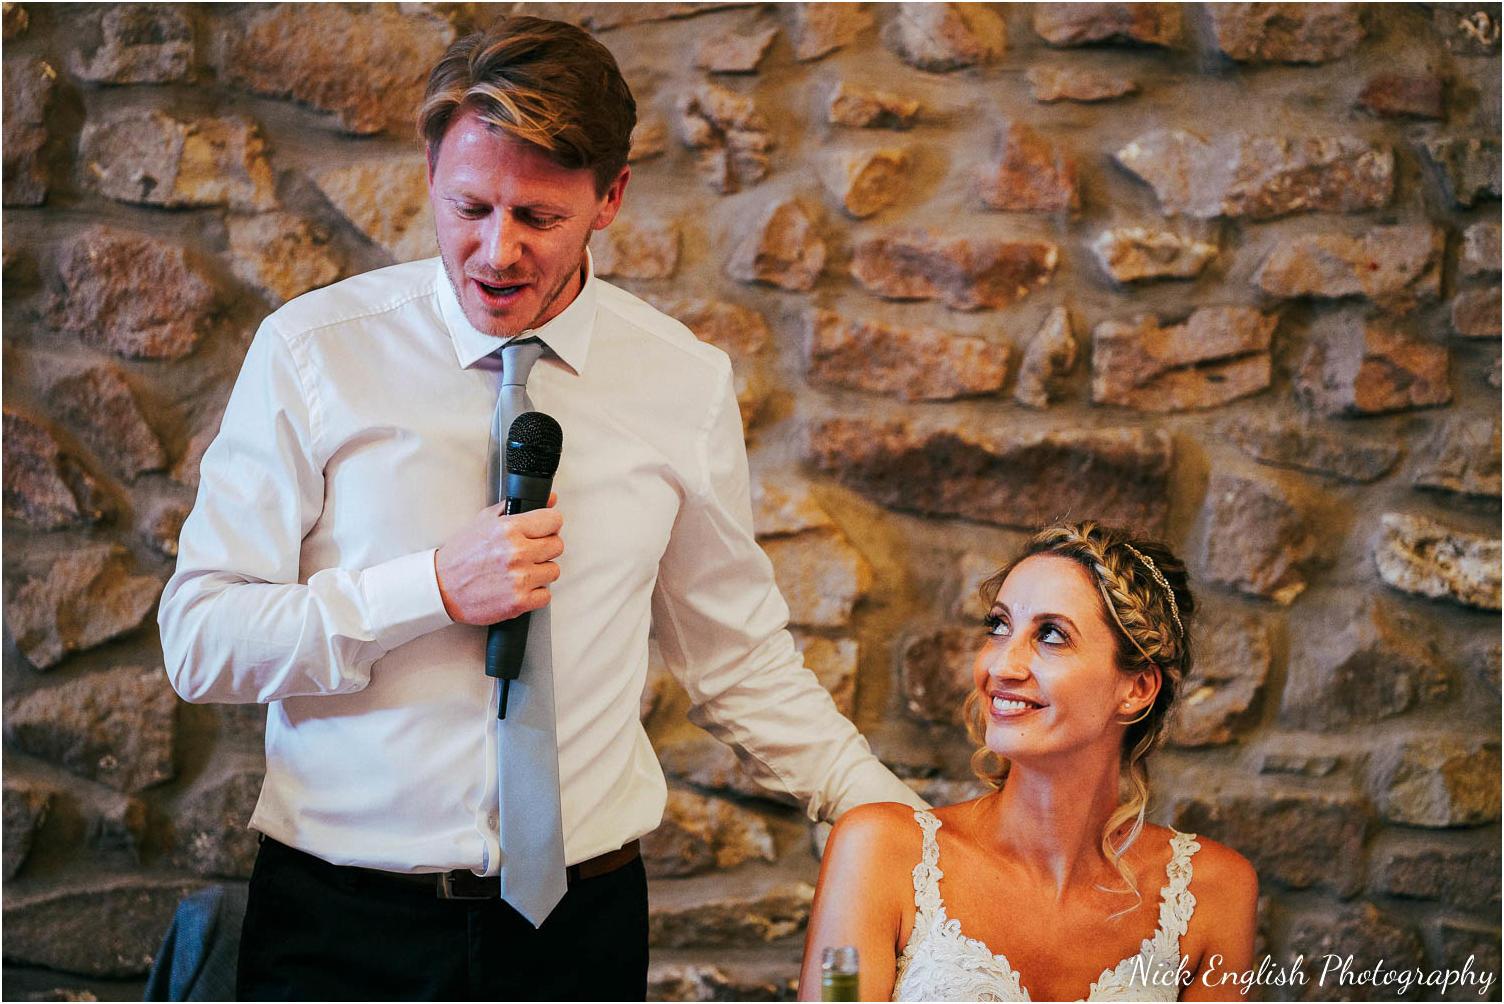 Browsholme_Hall_Tithe_Barn_Wedding_Photographer_Lancashire-90.jpg